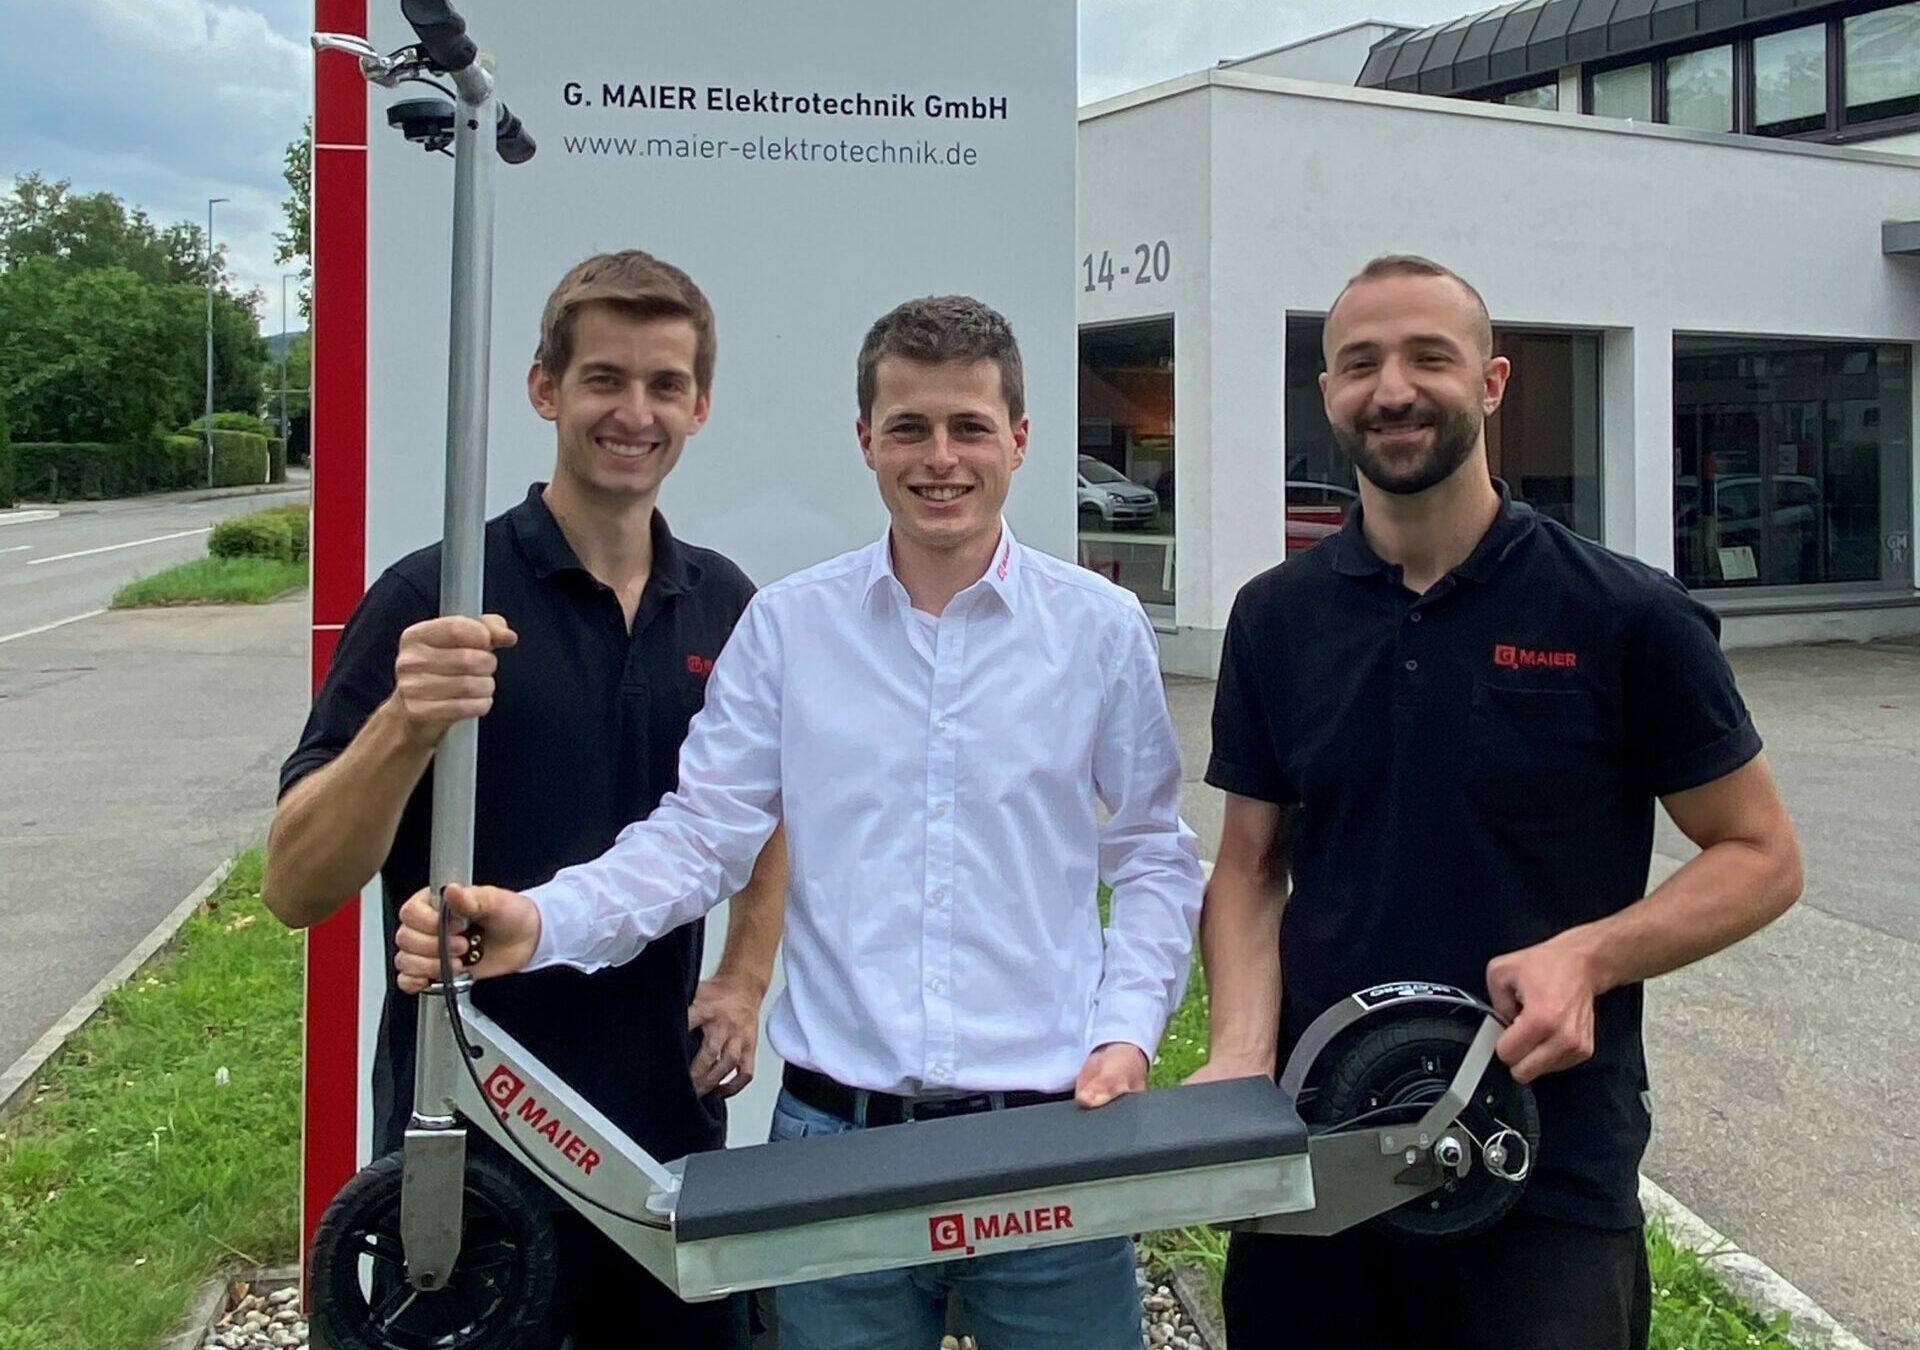 Azubi Projekt E-Scooter der G MAIER Elektrotechnik GmbH